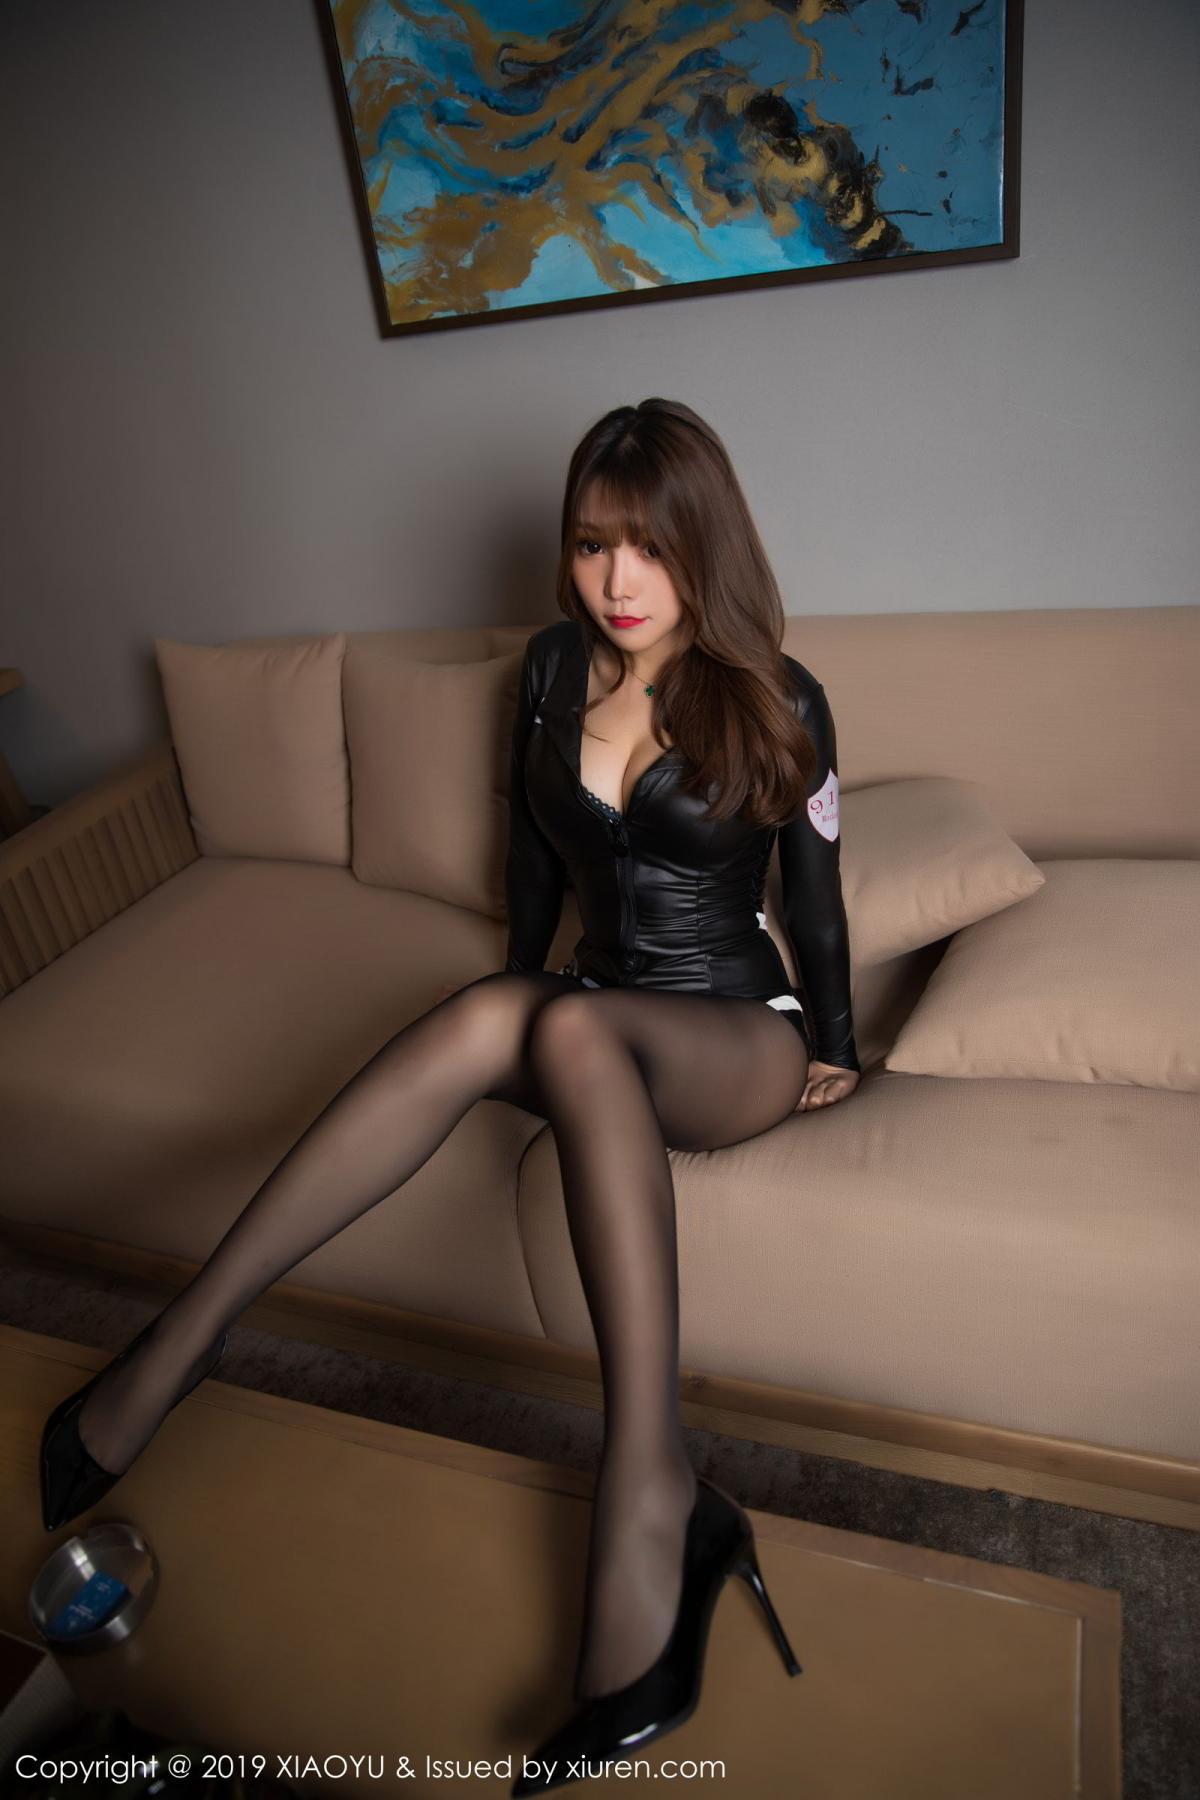 [XiaoYu] Vol.151 Chen Zhi 15P, Adult, Chen Zhi, XiaoYu